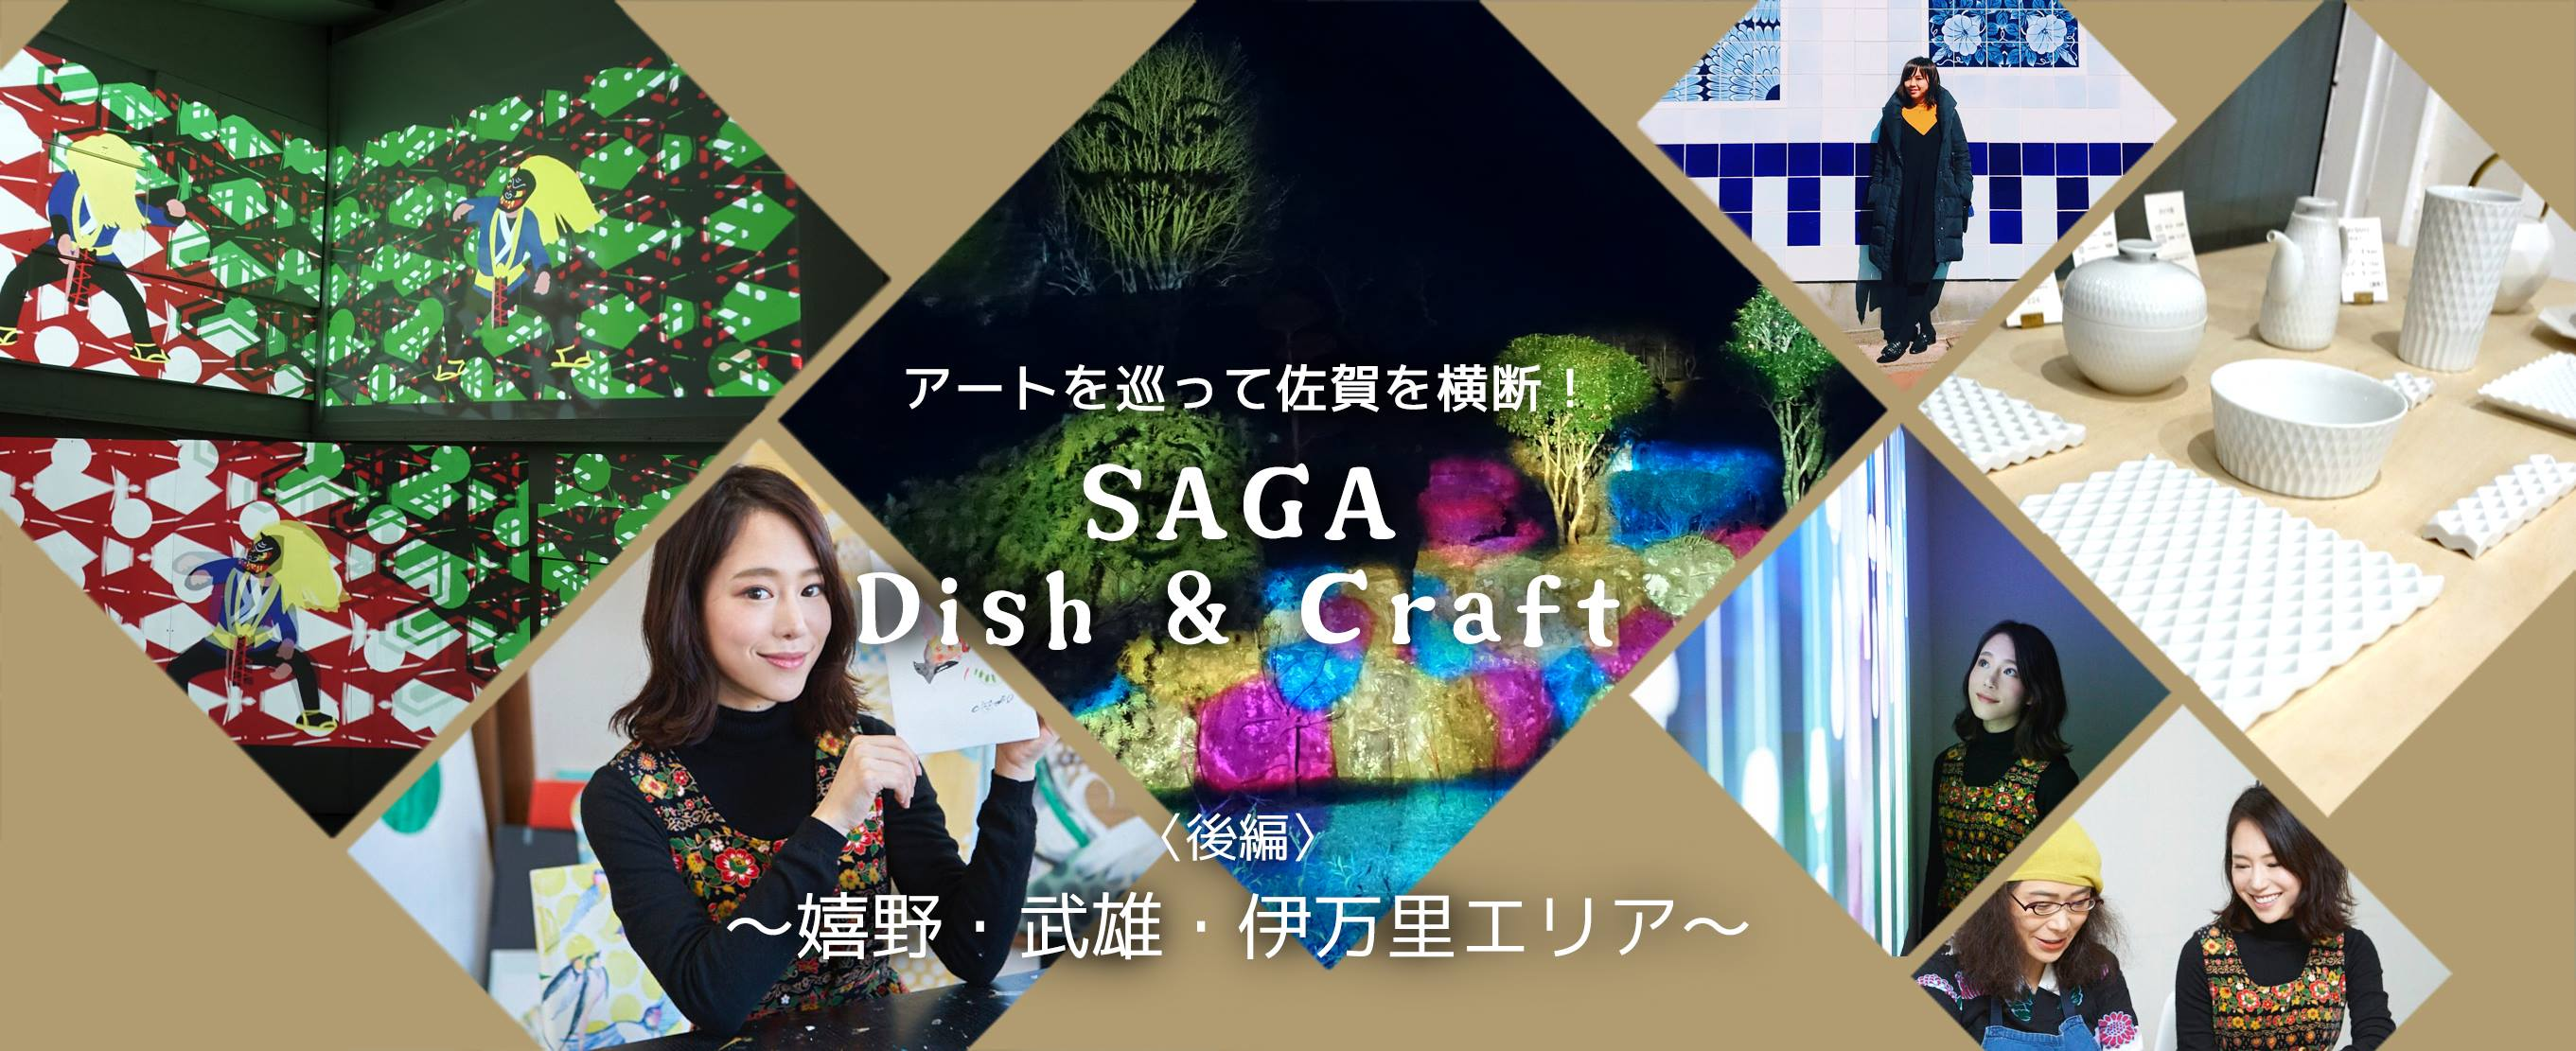 アートを巡って佐賀を横断!『SAGA Dish&Craft』 〜嬉野・武雄・伊万里エリア〜